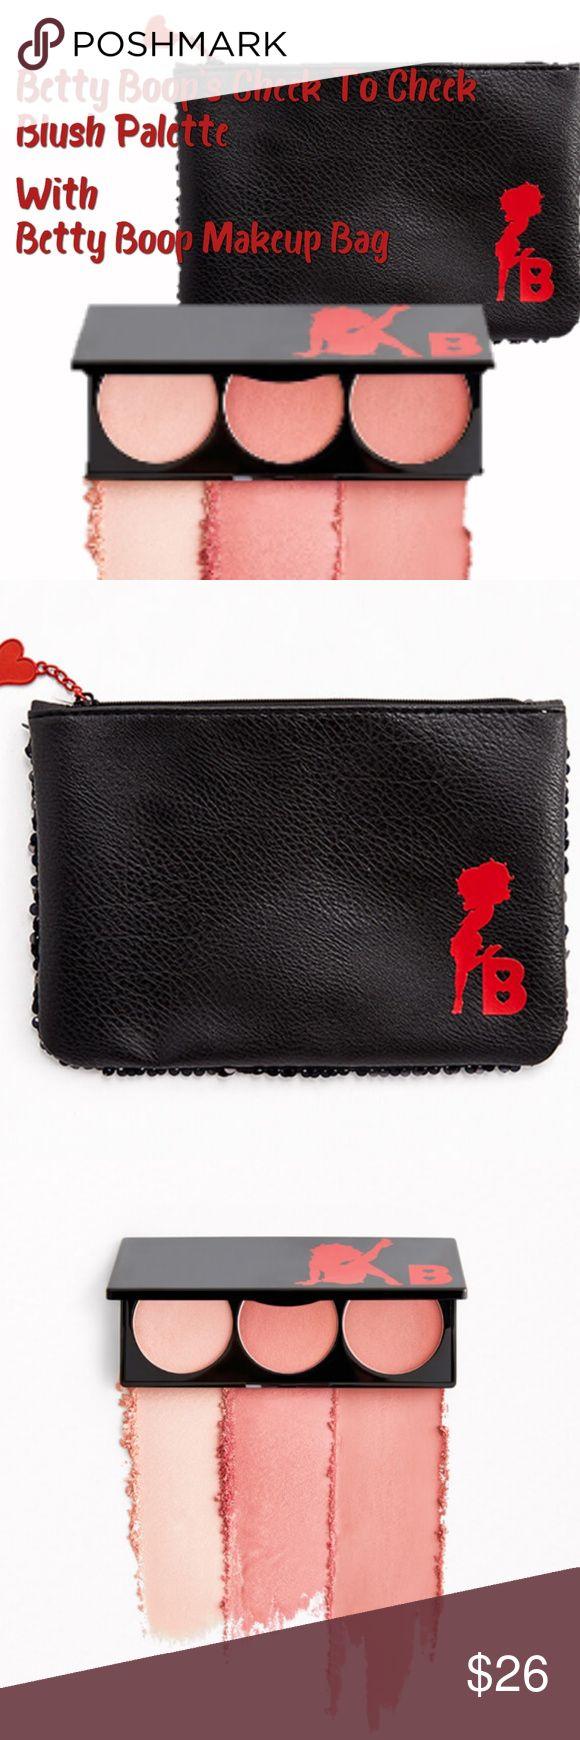 ️ Ipsy's Betty Boop Blush and Makeup Bag Set Makeup bag